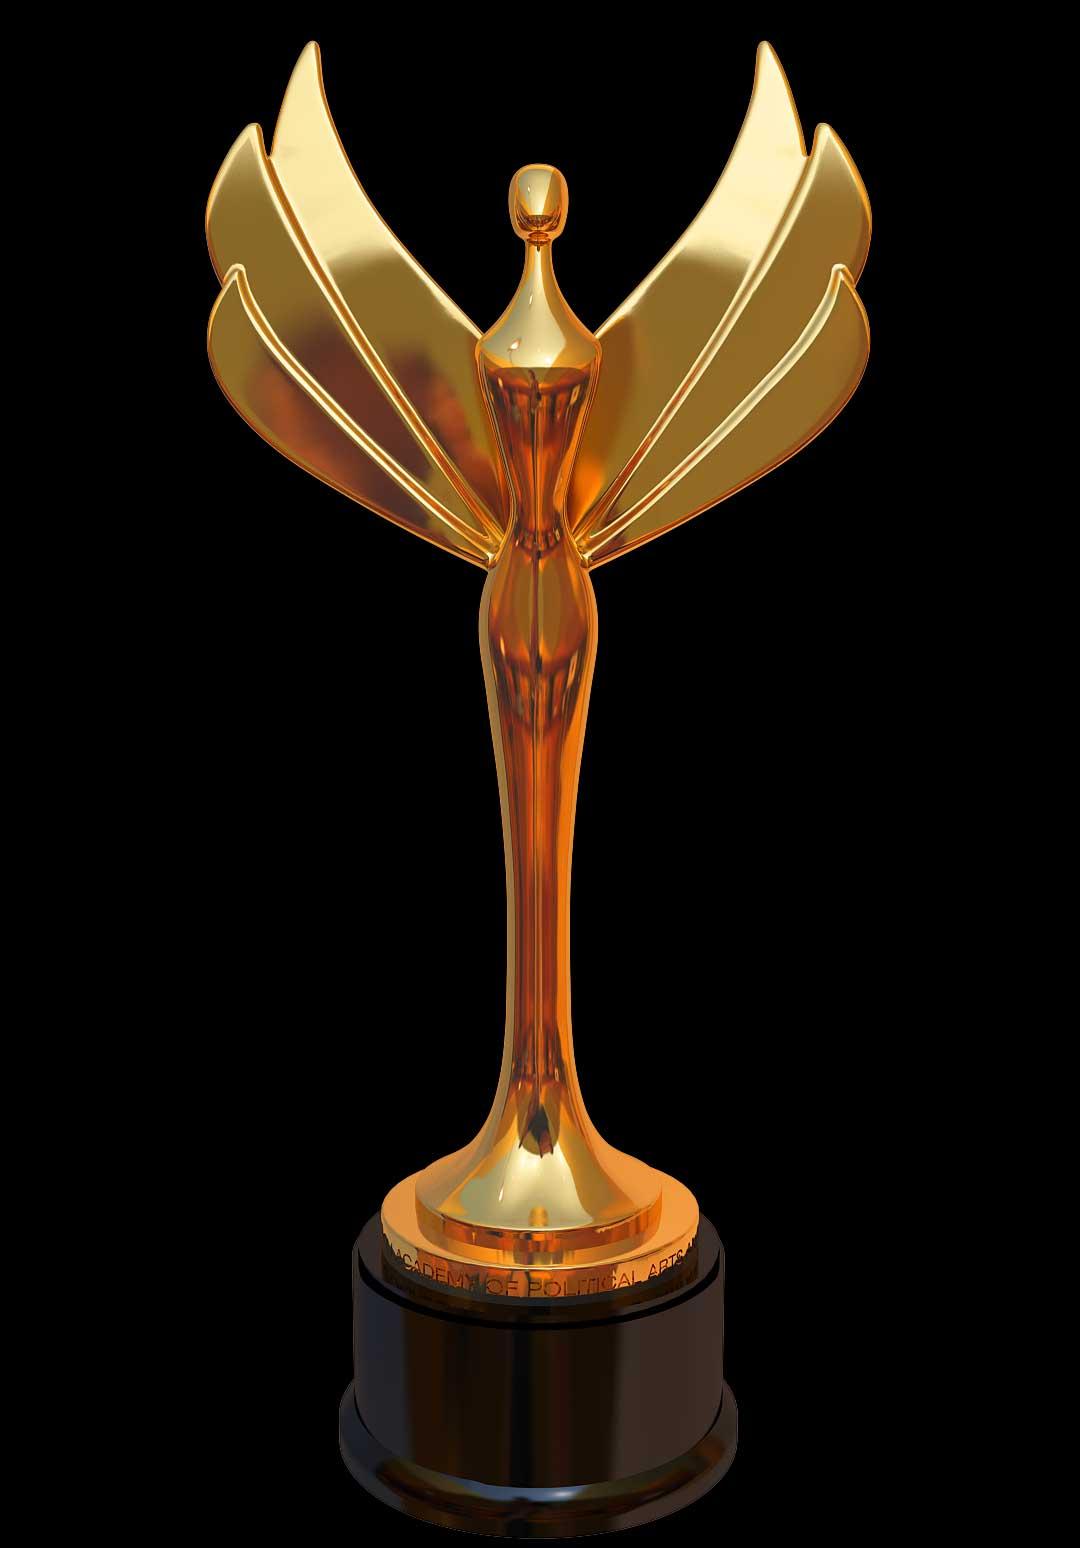 NAPOLITAN Victory Awards - Estatuilla Dorada